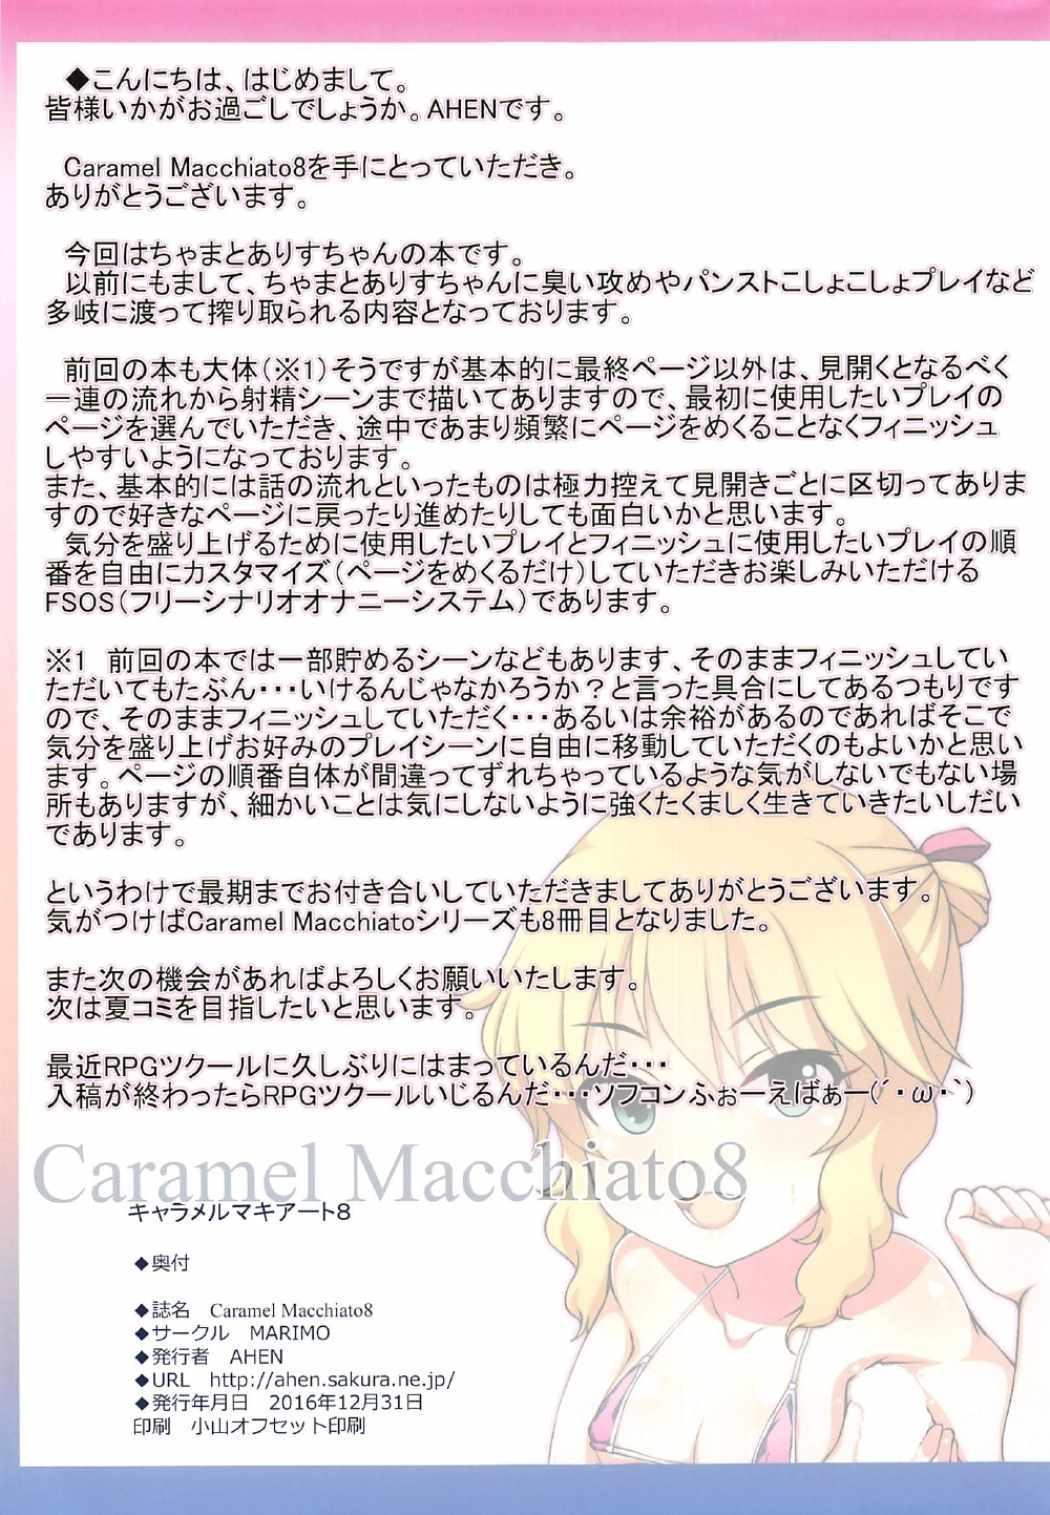 Caramel Macchiato 8 14